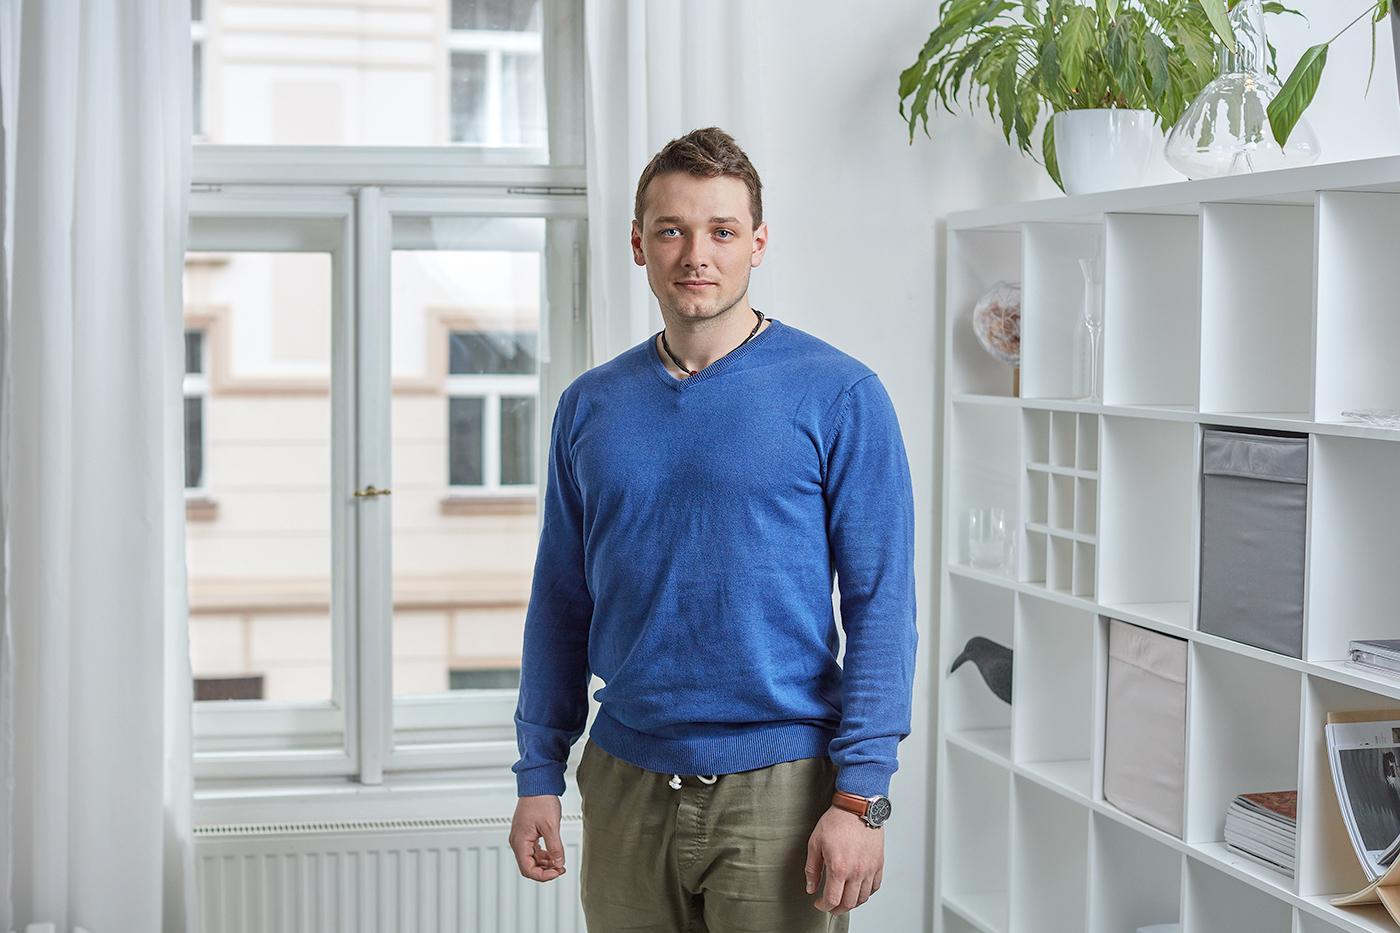 Pavel Jakl